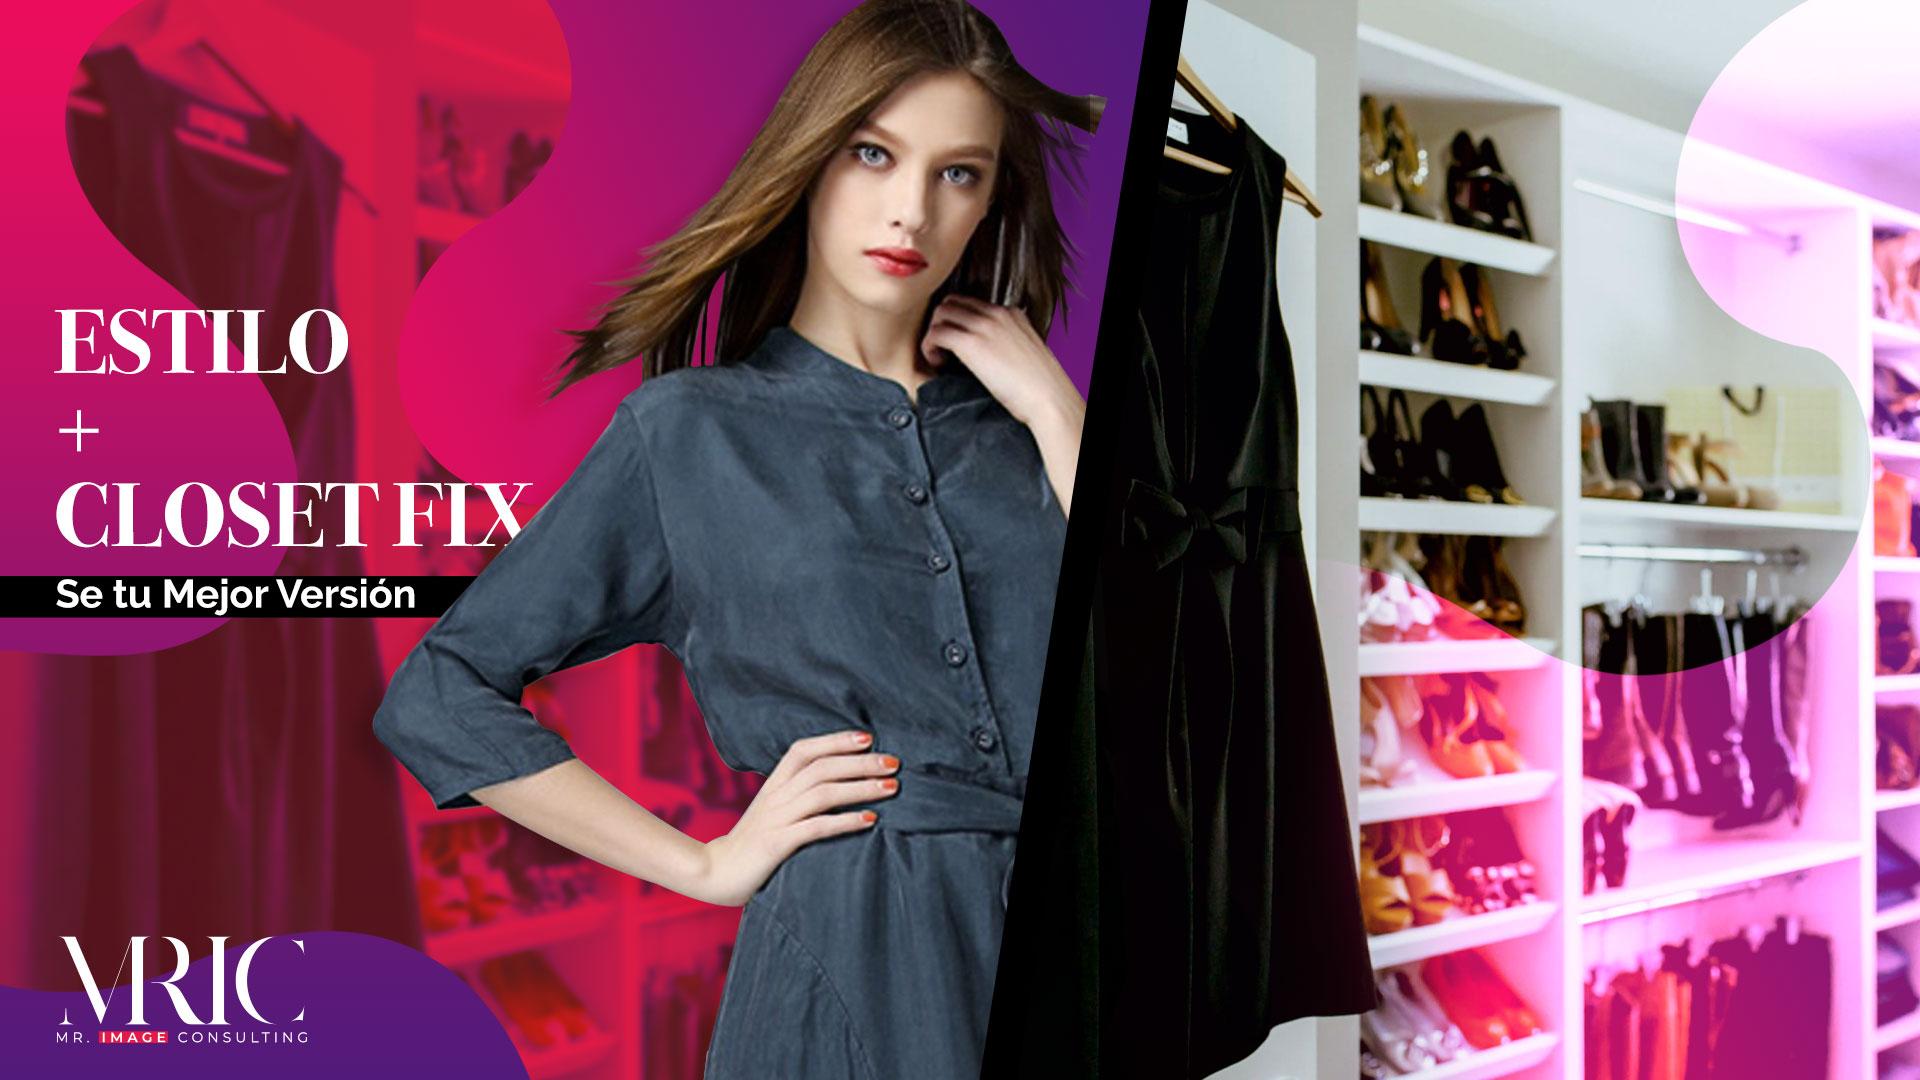 Estilo+Closet Fix